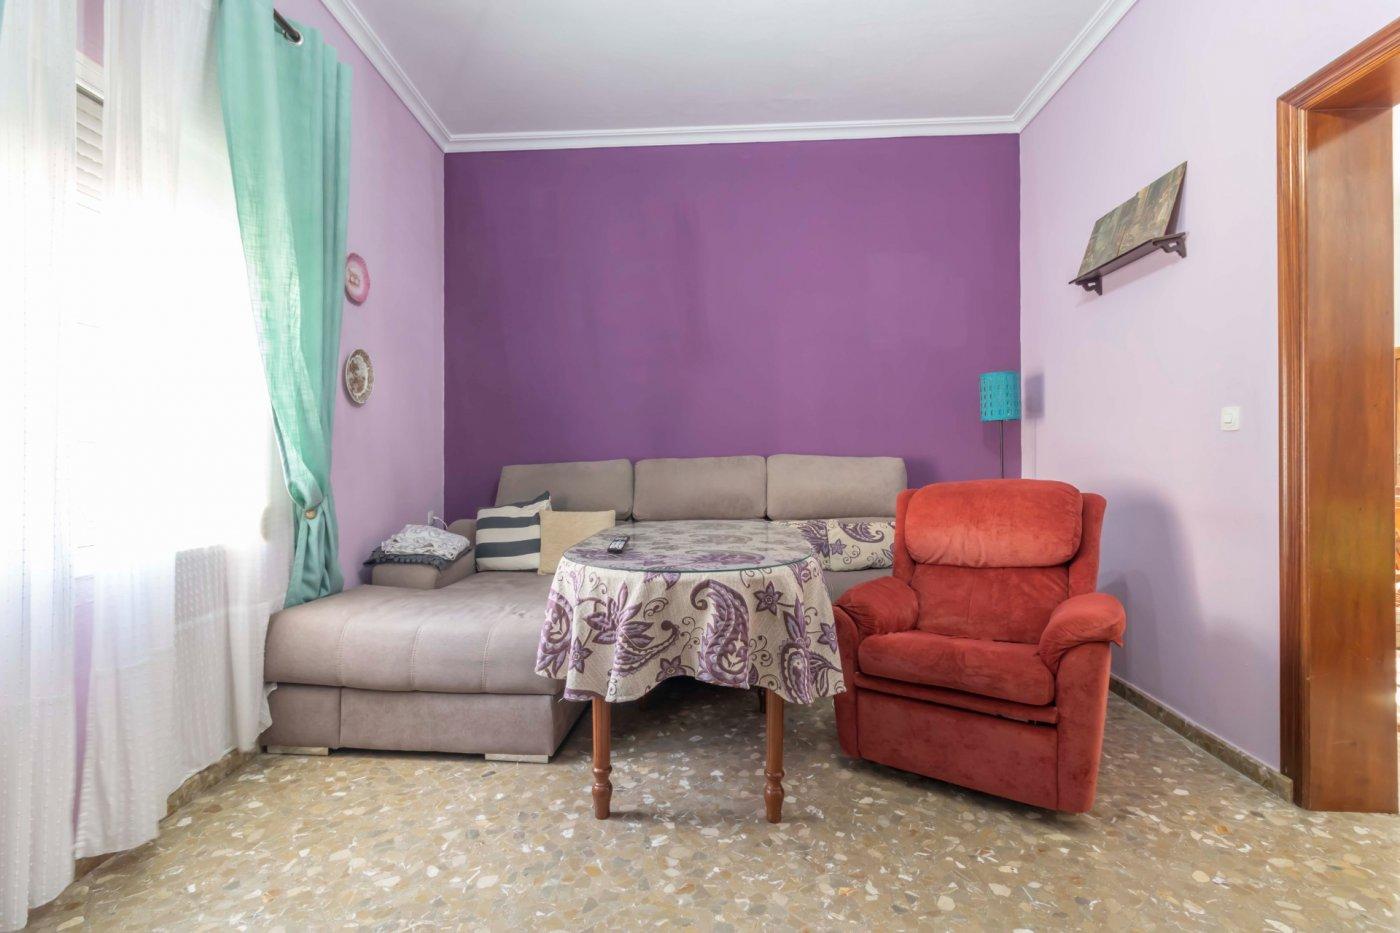 Casa a la venta en salteras - imagenInmueble11